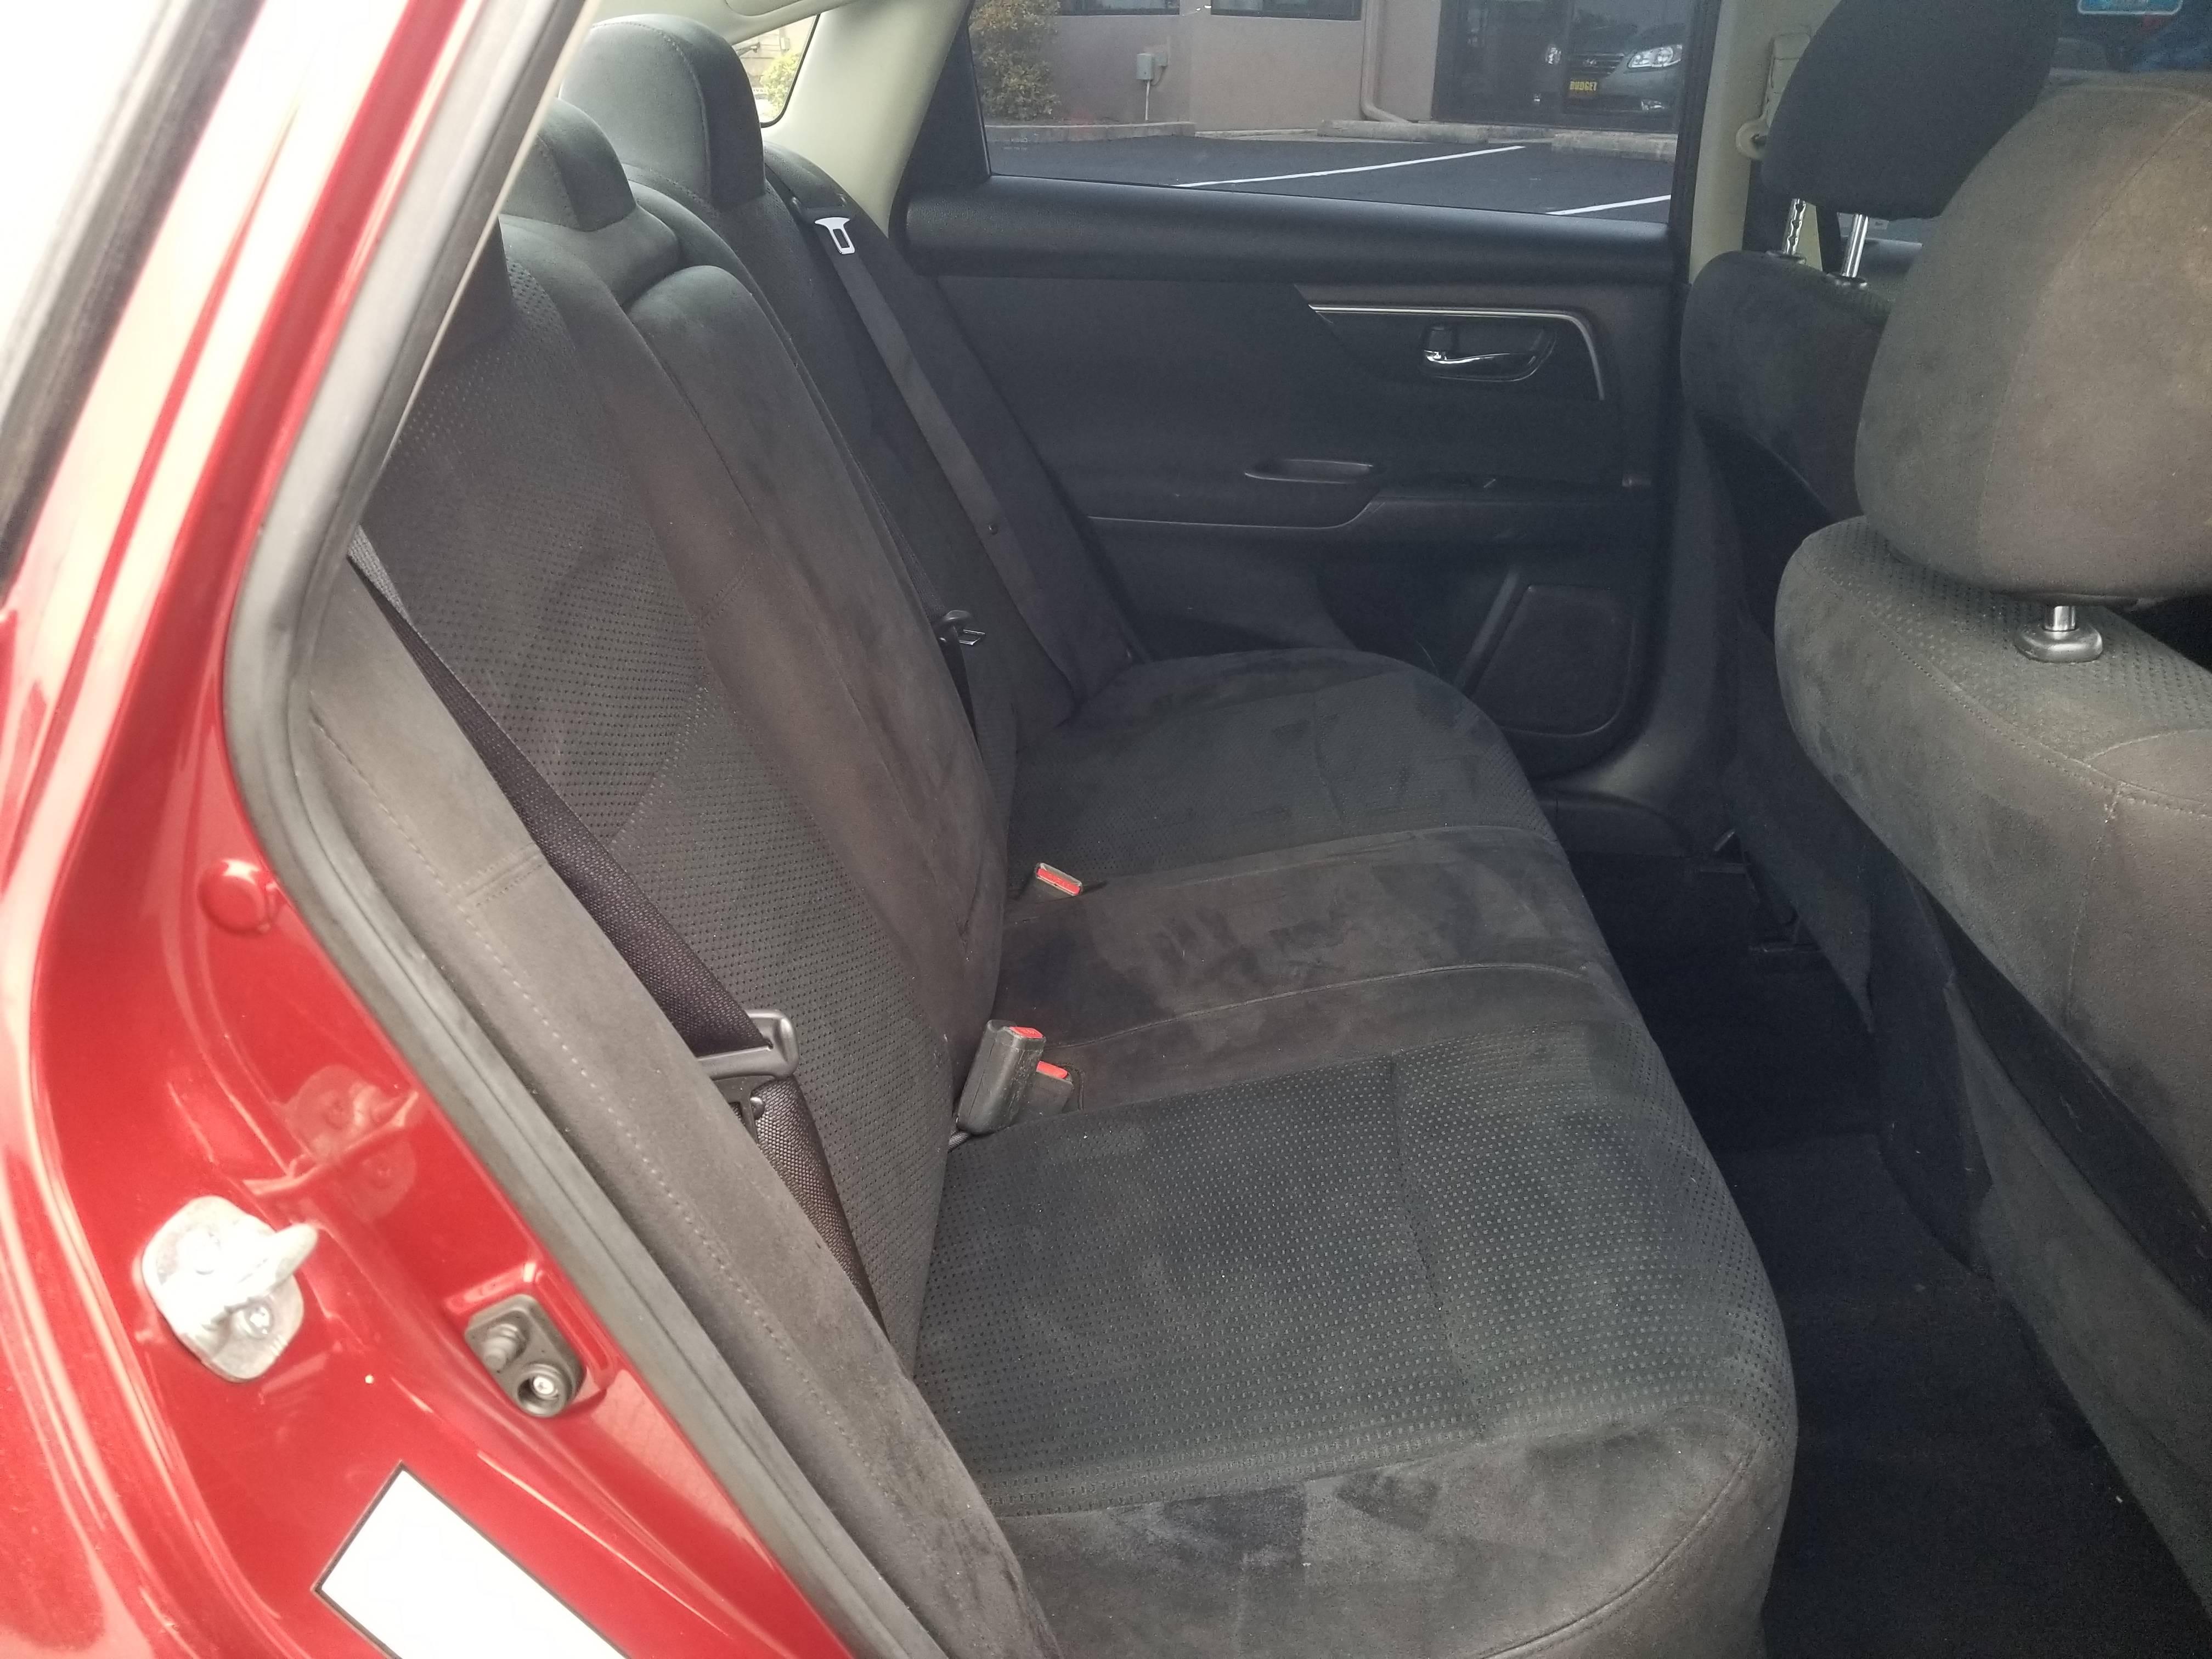 used vehicle - Sedan Nissan Altima 2014